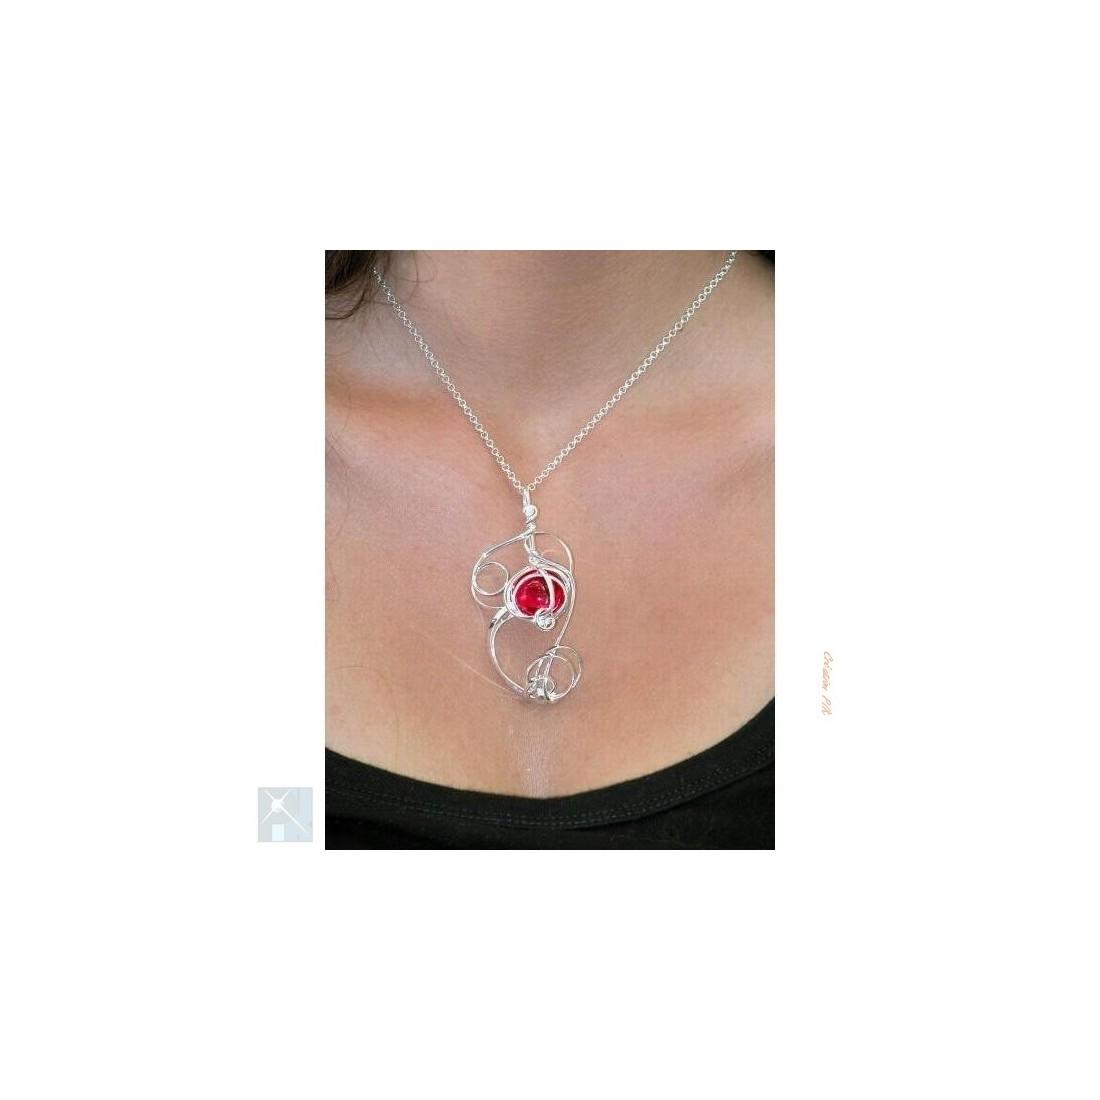 Pendentif-bijou argent de couleur rouge rubis